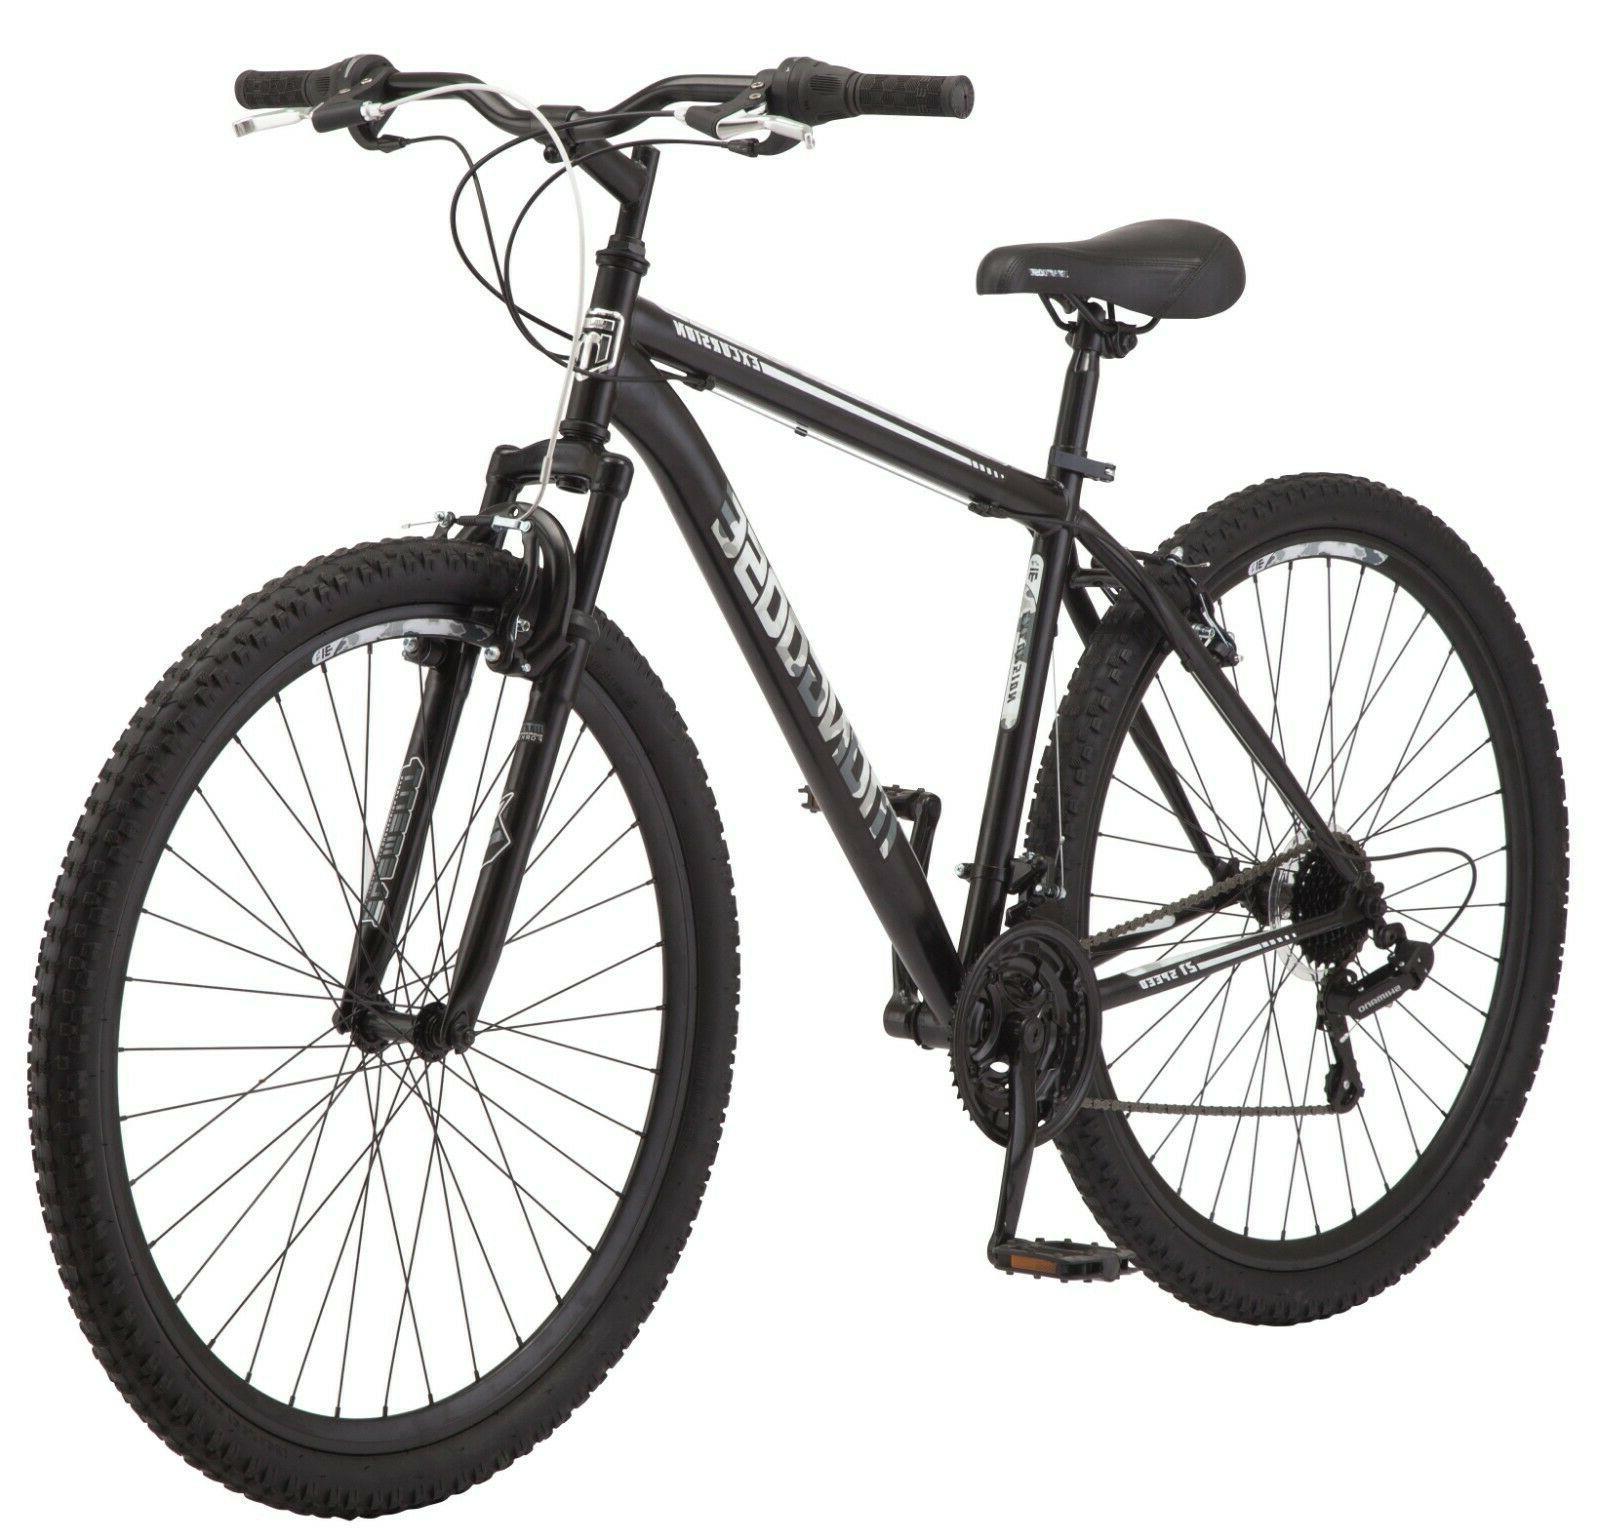 mens mountain bike large 21 speed big